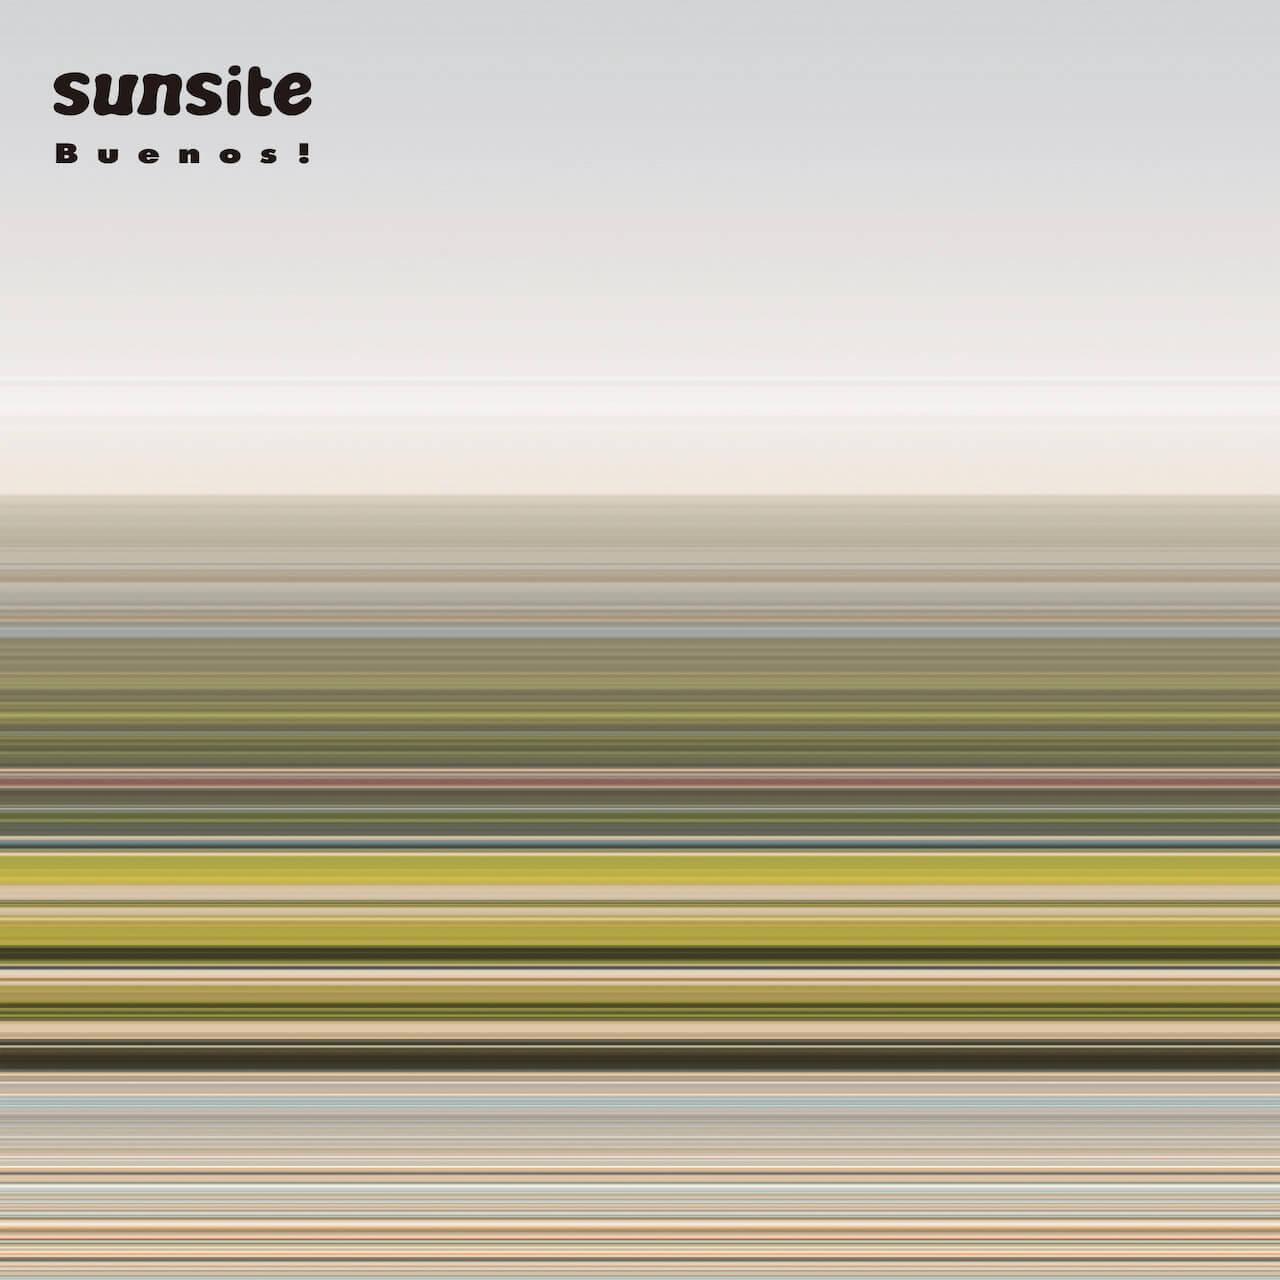 山本幹宗&永嶋柊吾による新バンドsunsite、デビューアルバム『Buenos!』を5月5日にリリース music210405-sunsite